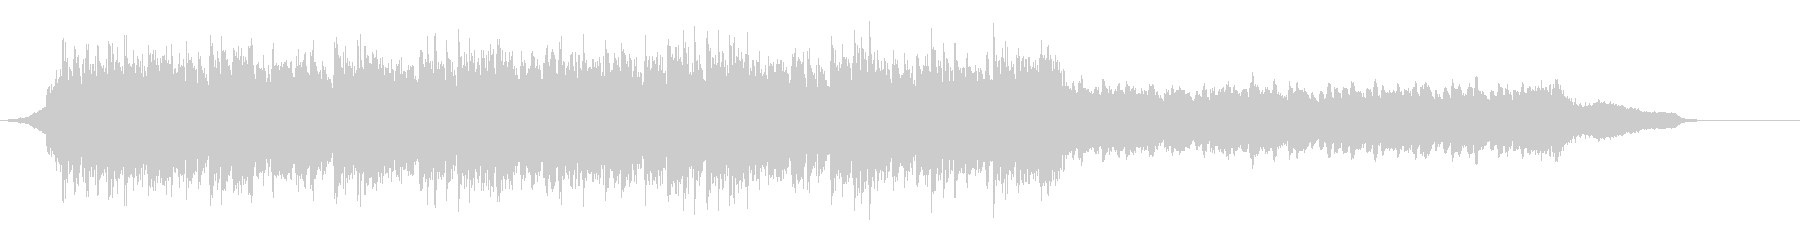 企業VP映像、136オーケストラ、爽快cの未再生の波形